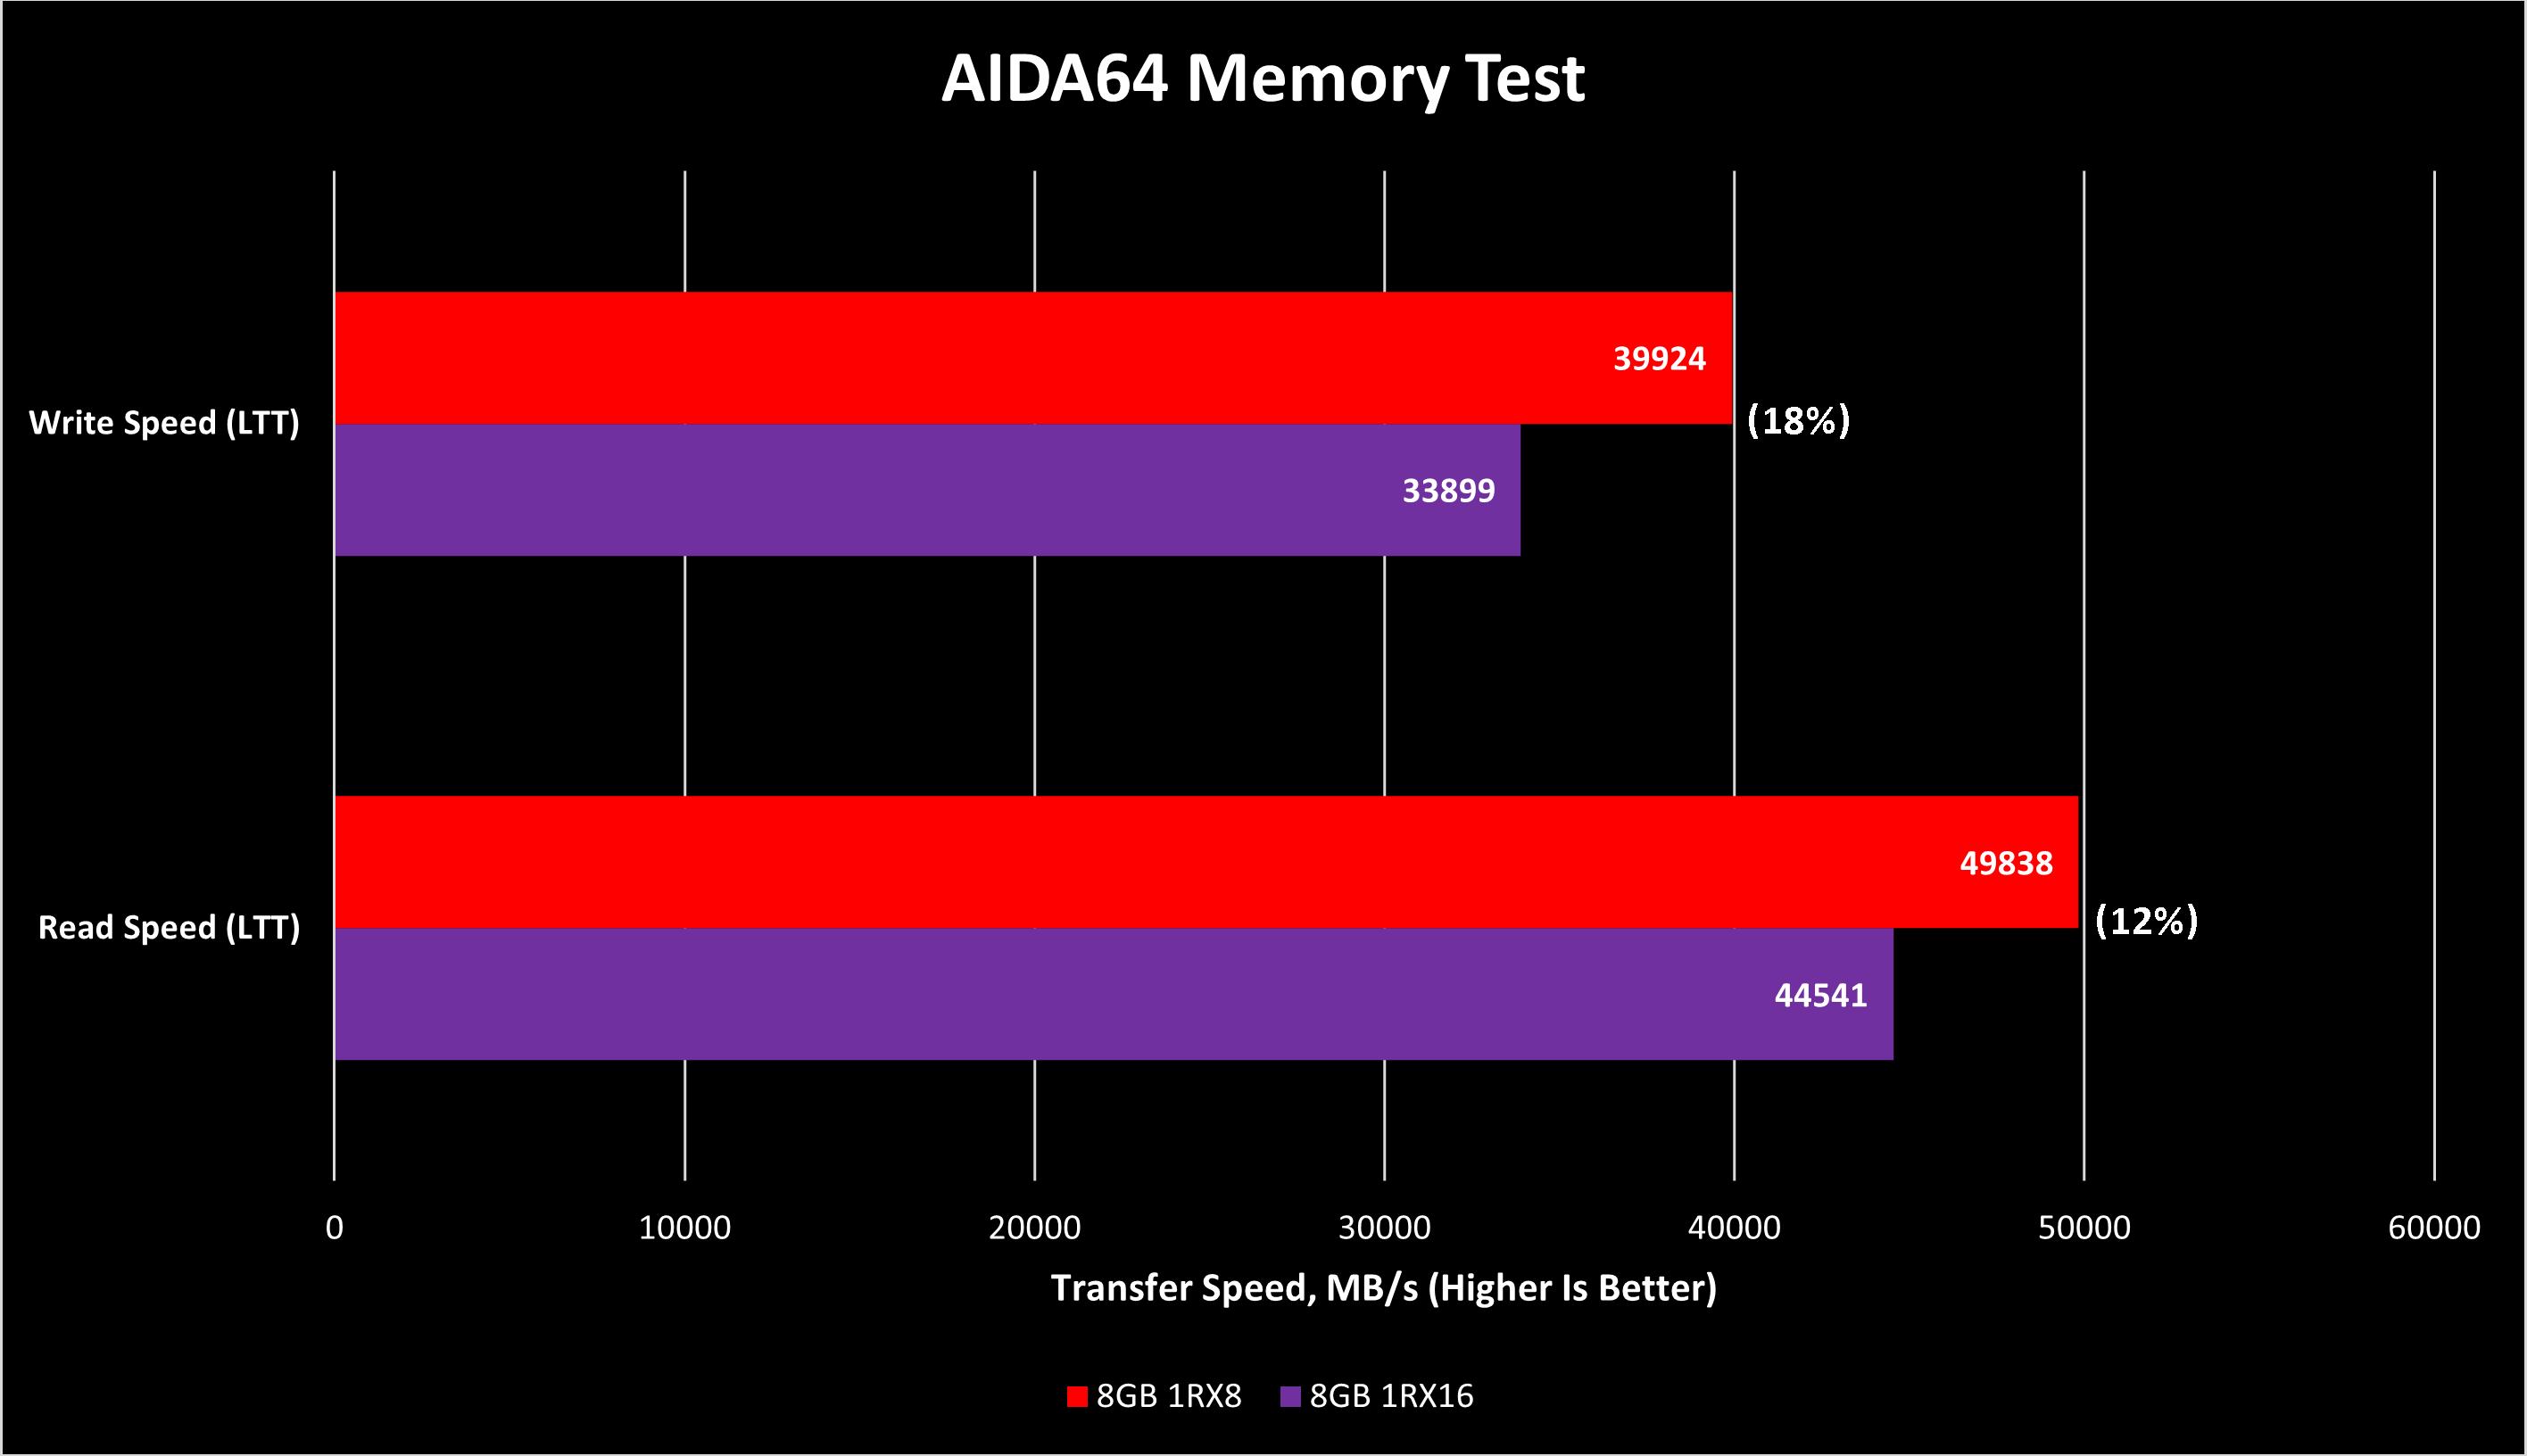 AIDA64 Memory Test